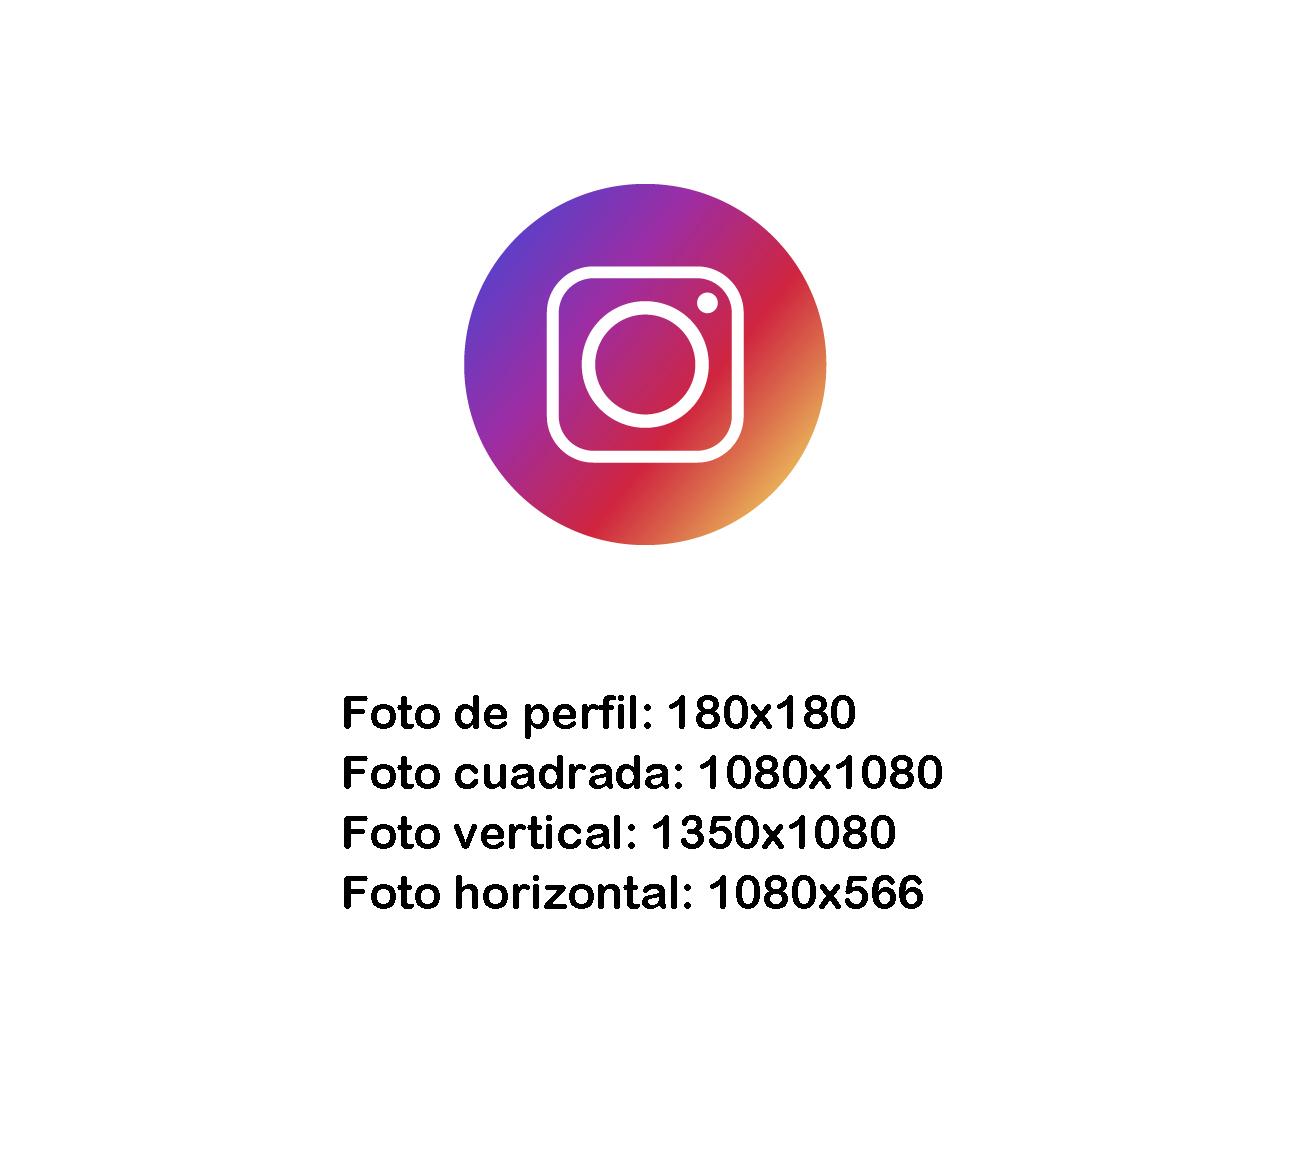 imágenes de redes sociales2